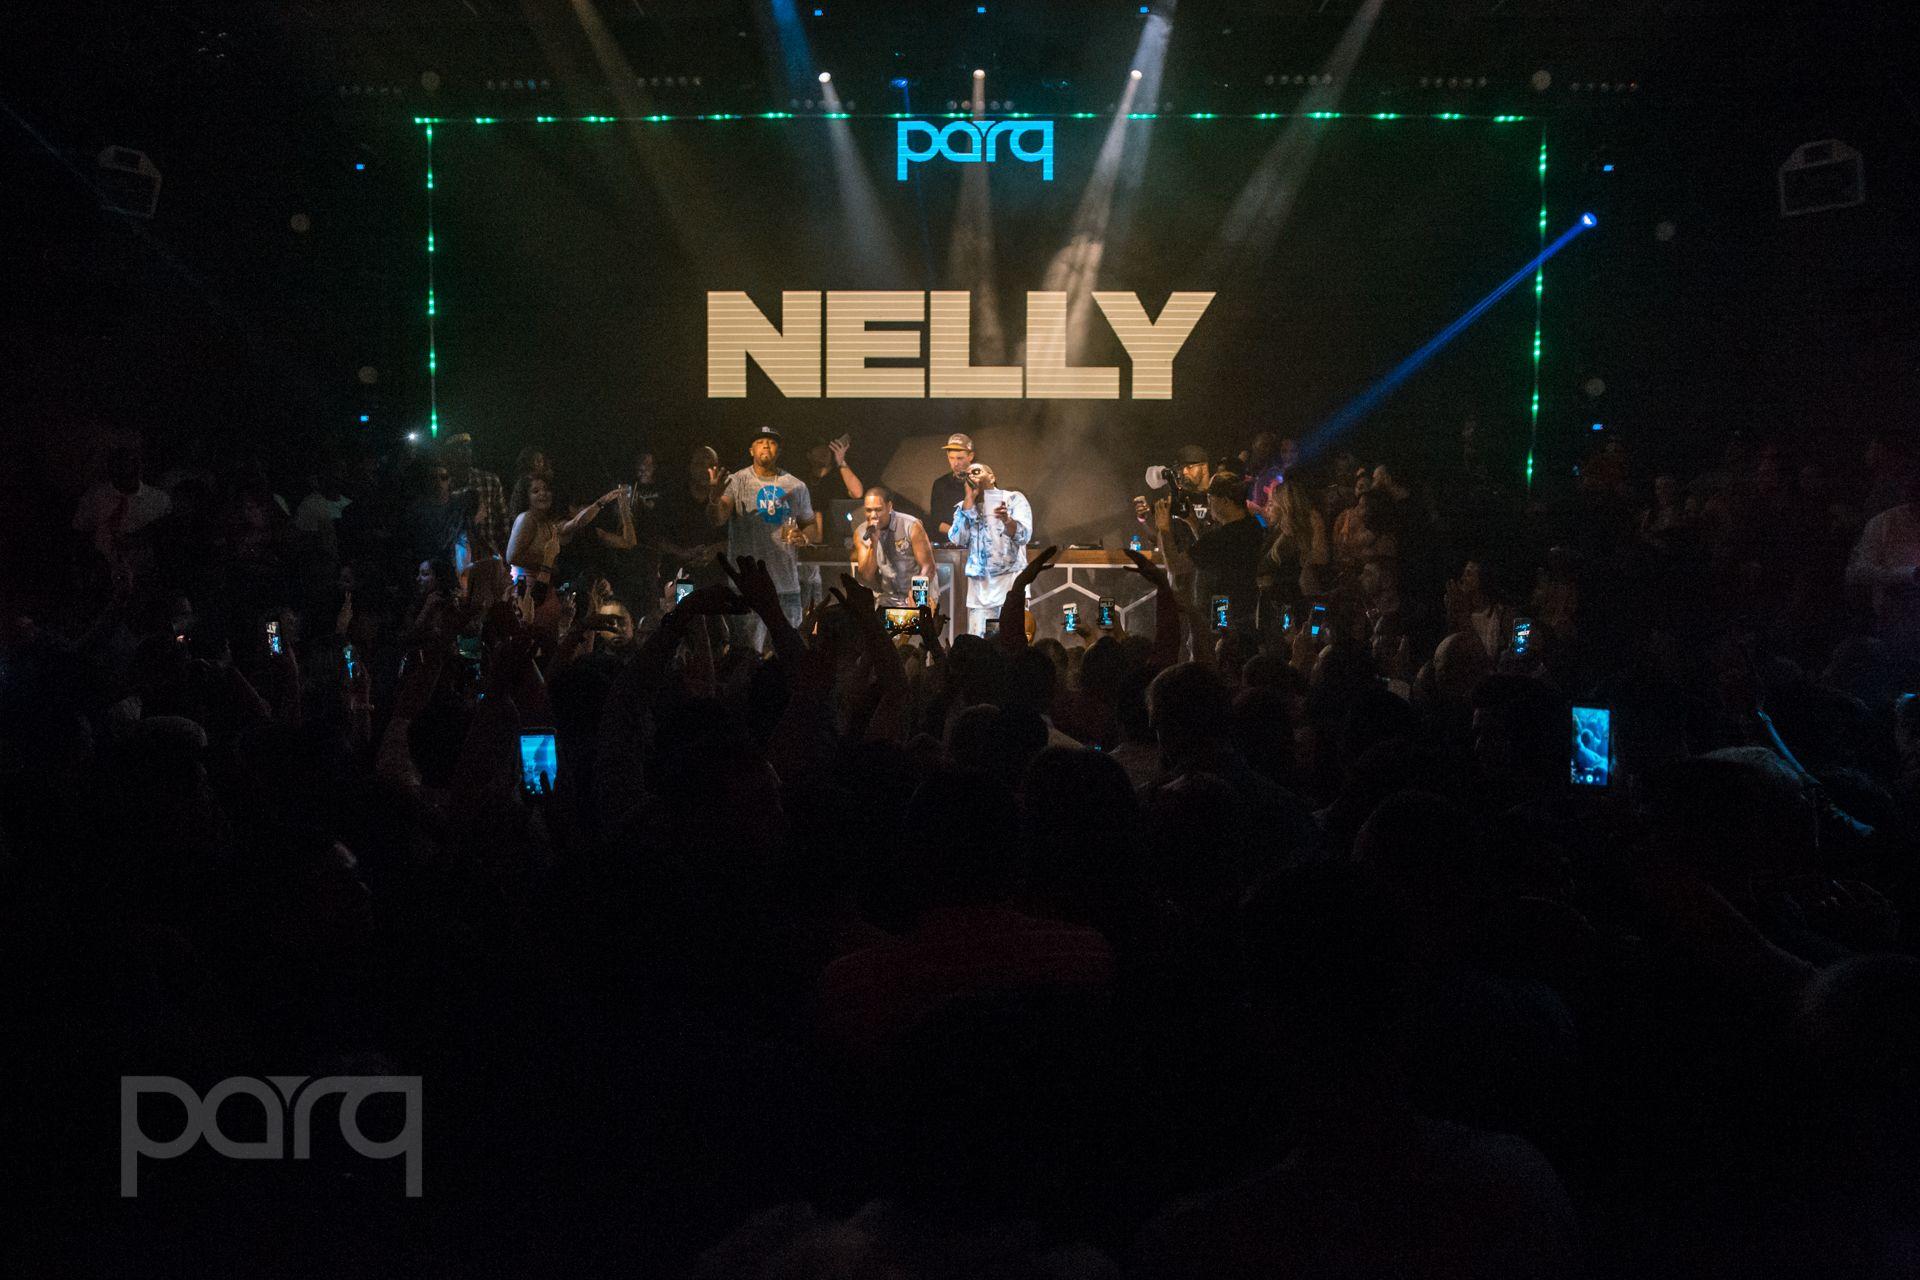 09.09.17 Parq - Nelly-47.jpg